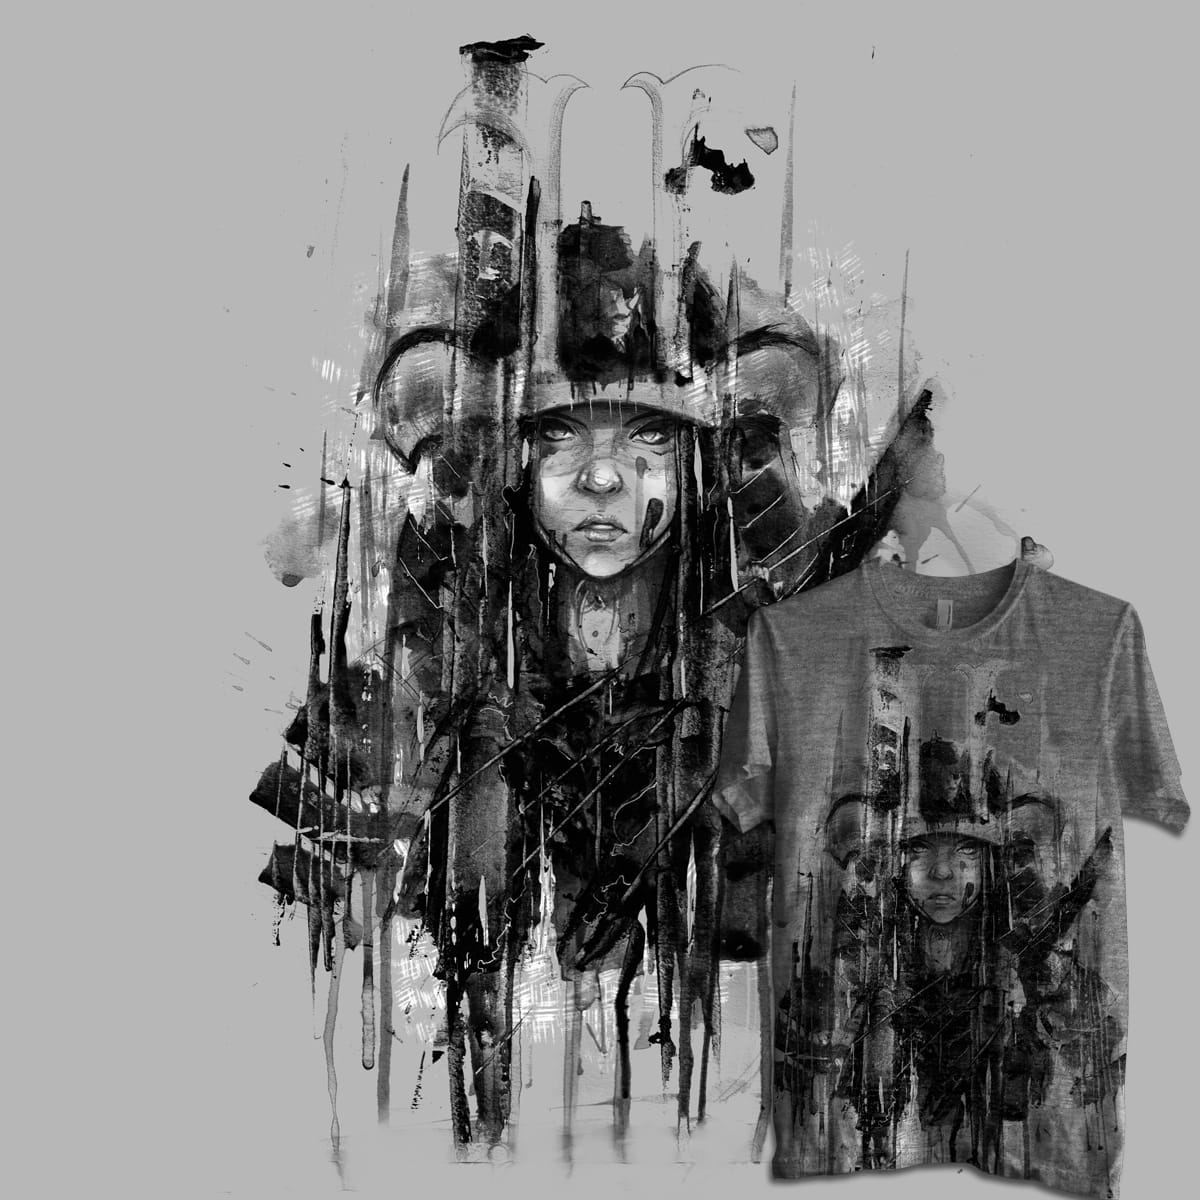 the samurai lady by iannocent on Threadless